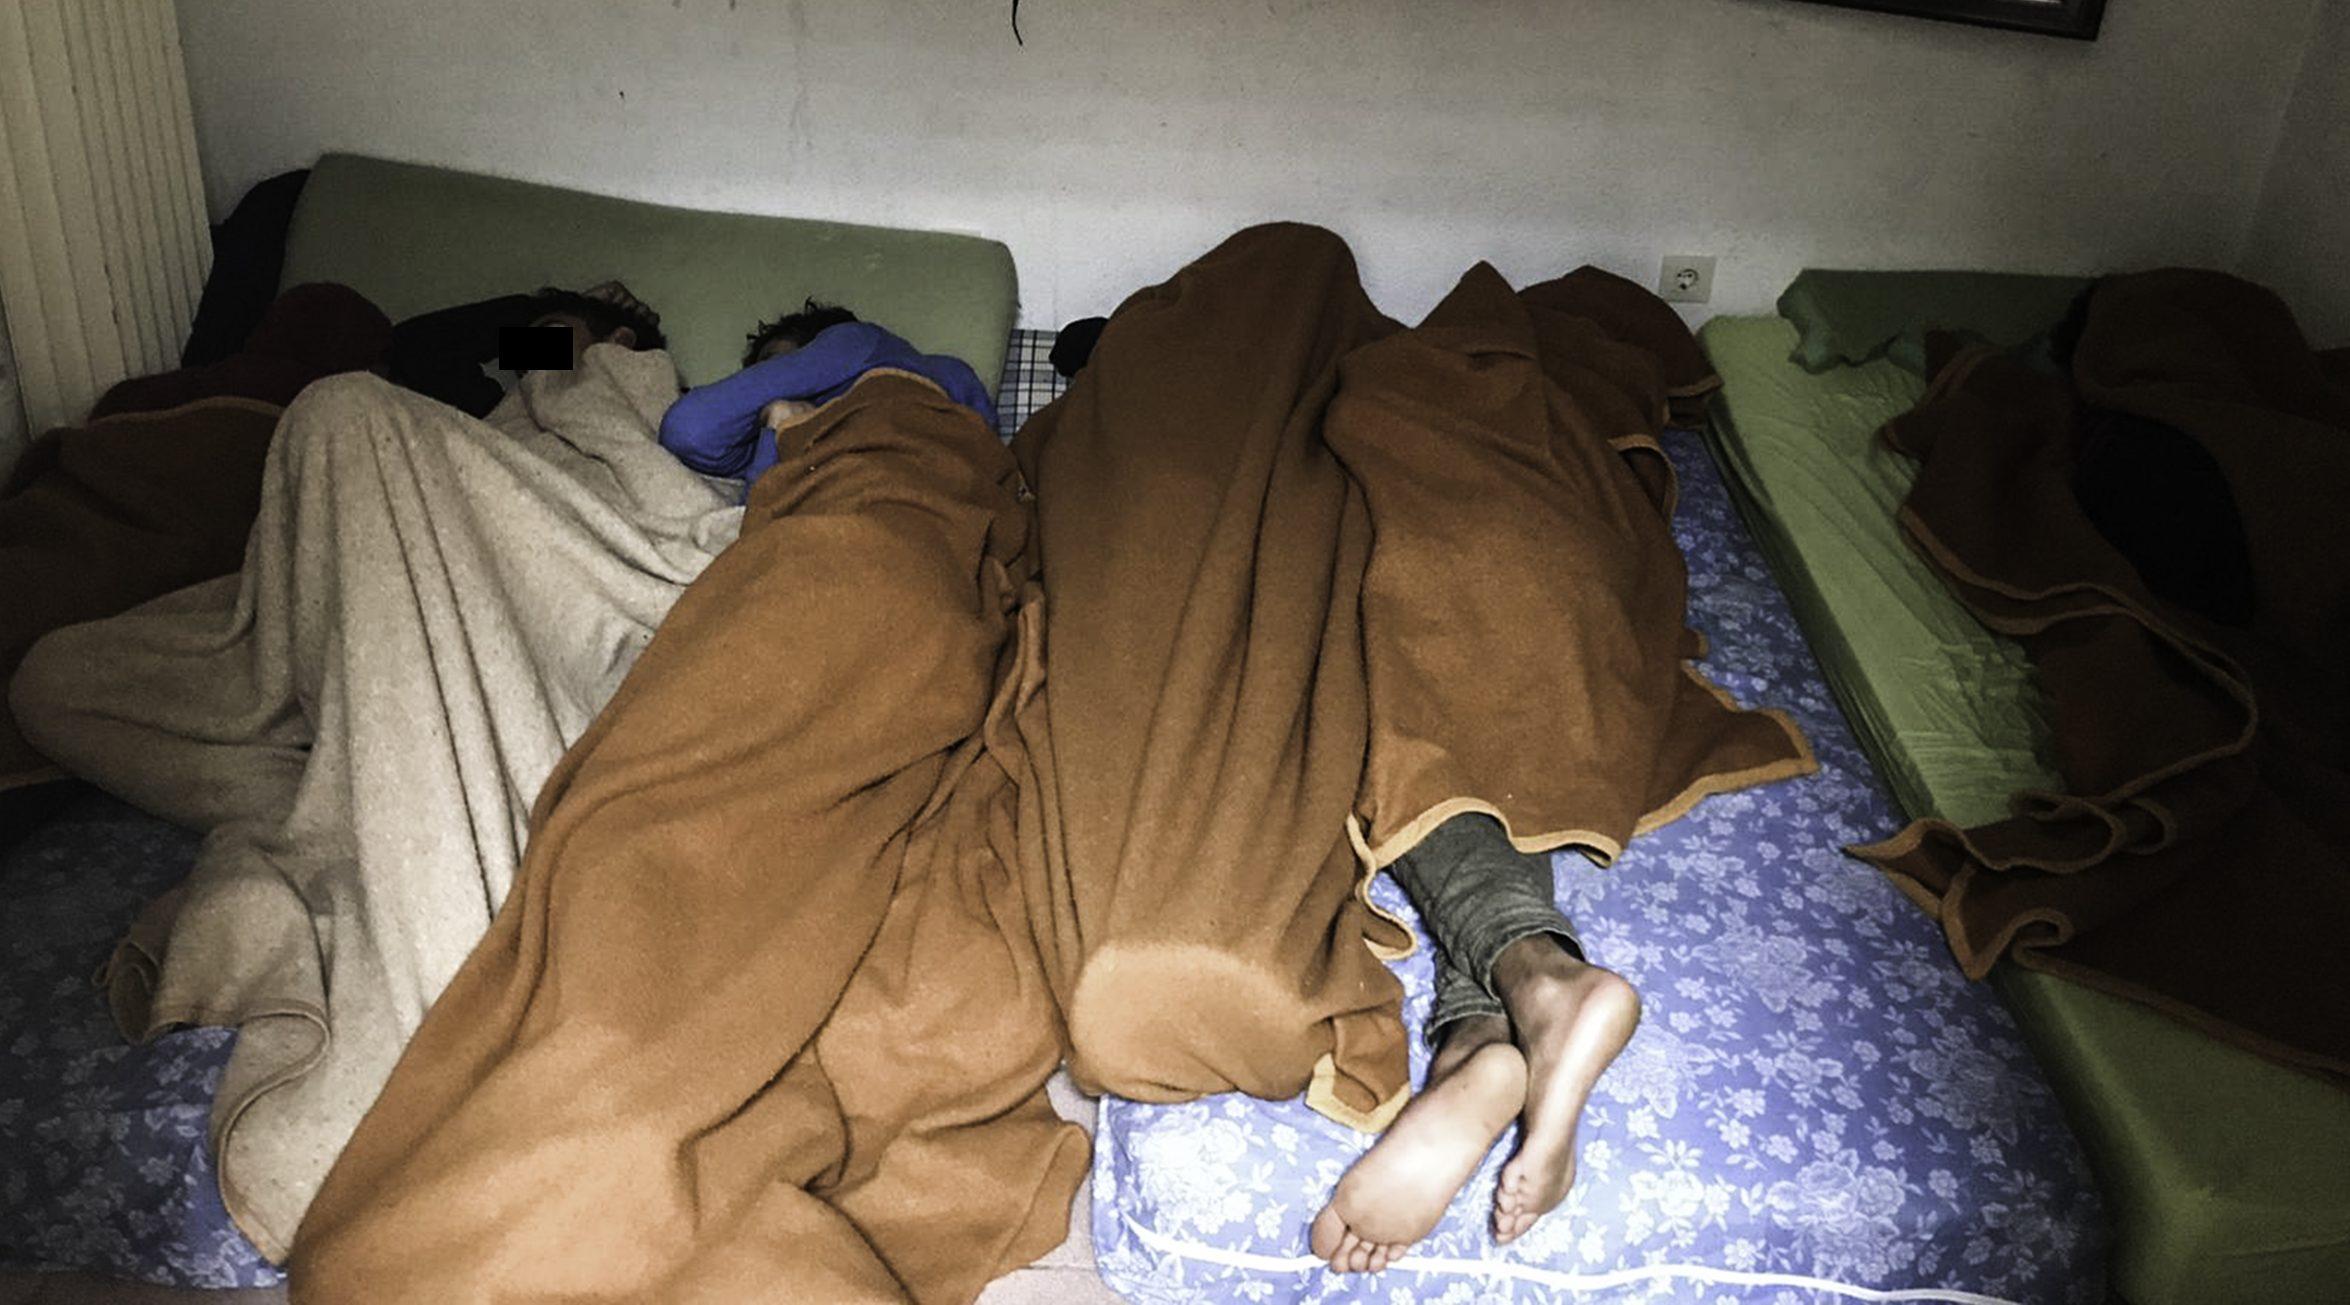 El Centro de Primera Acogida de Menores de Hortaleza se encuentra en una situación límite